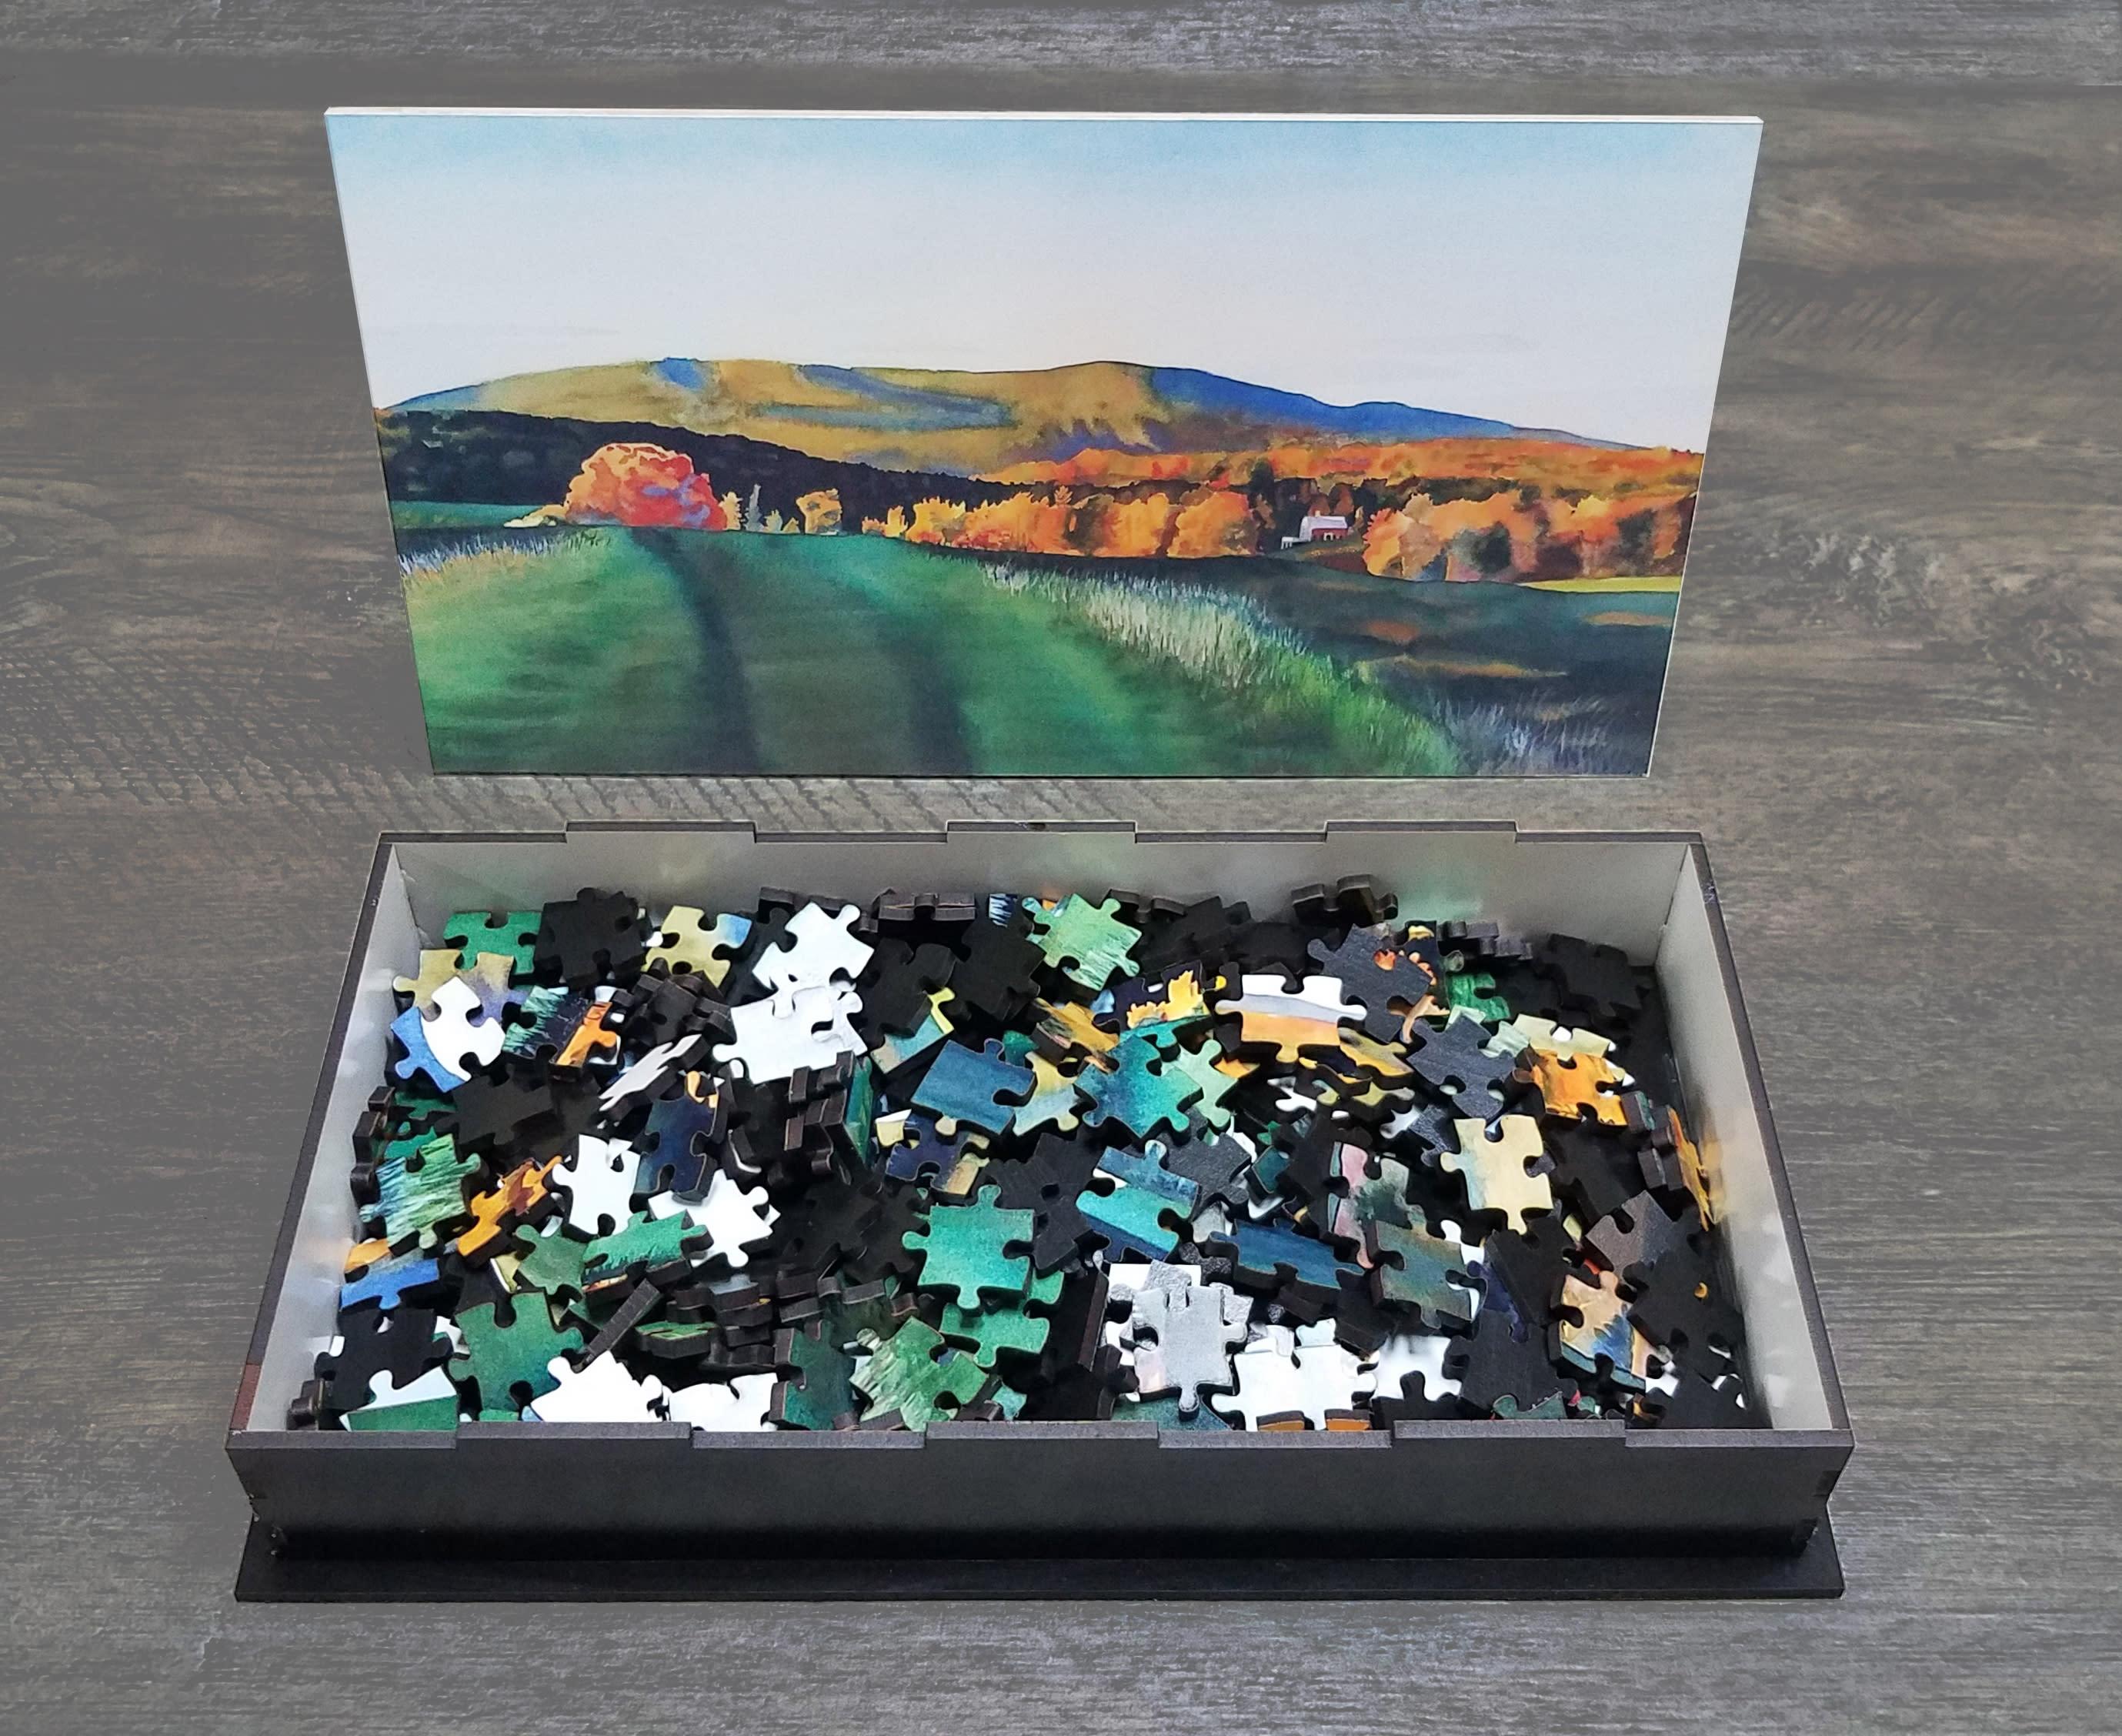 Black puzzle pieces mxonoy